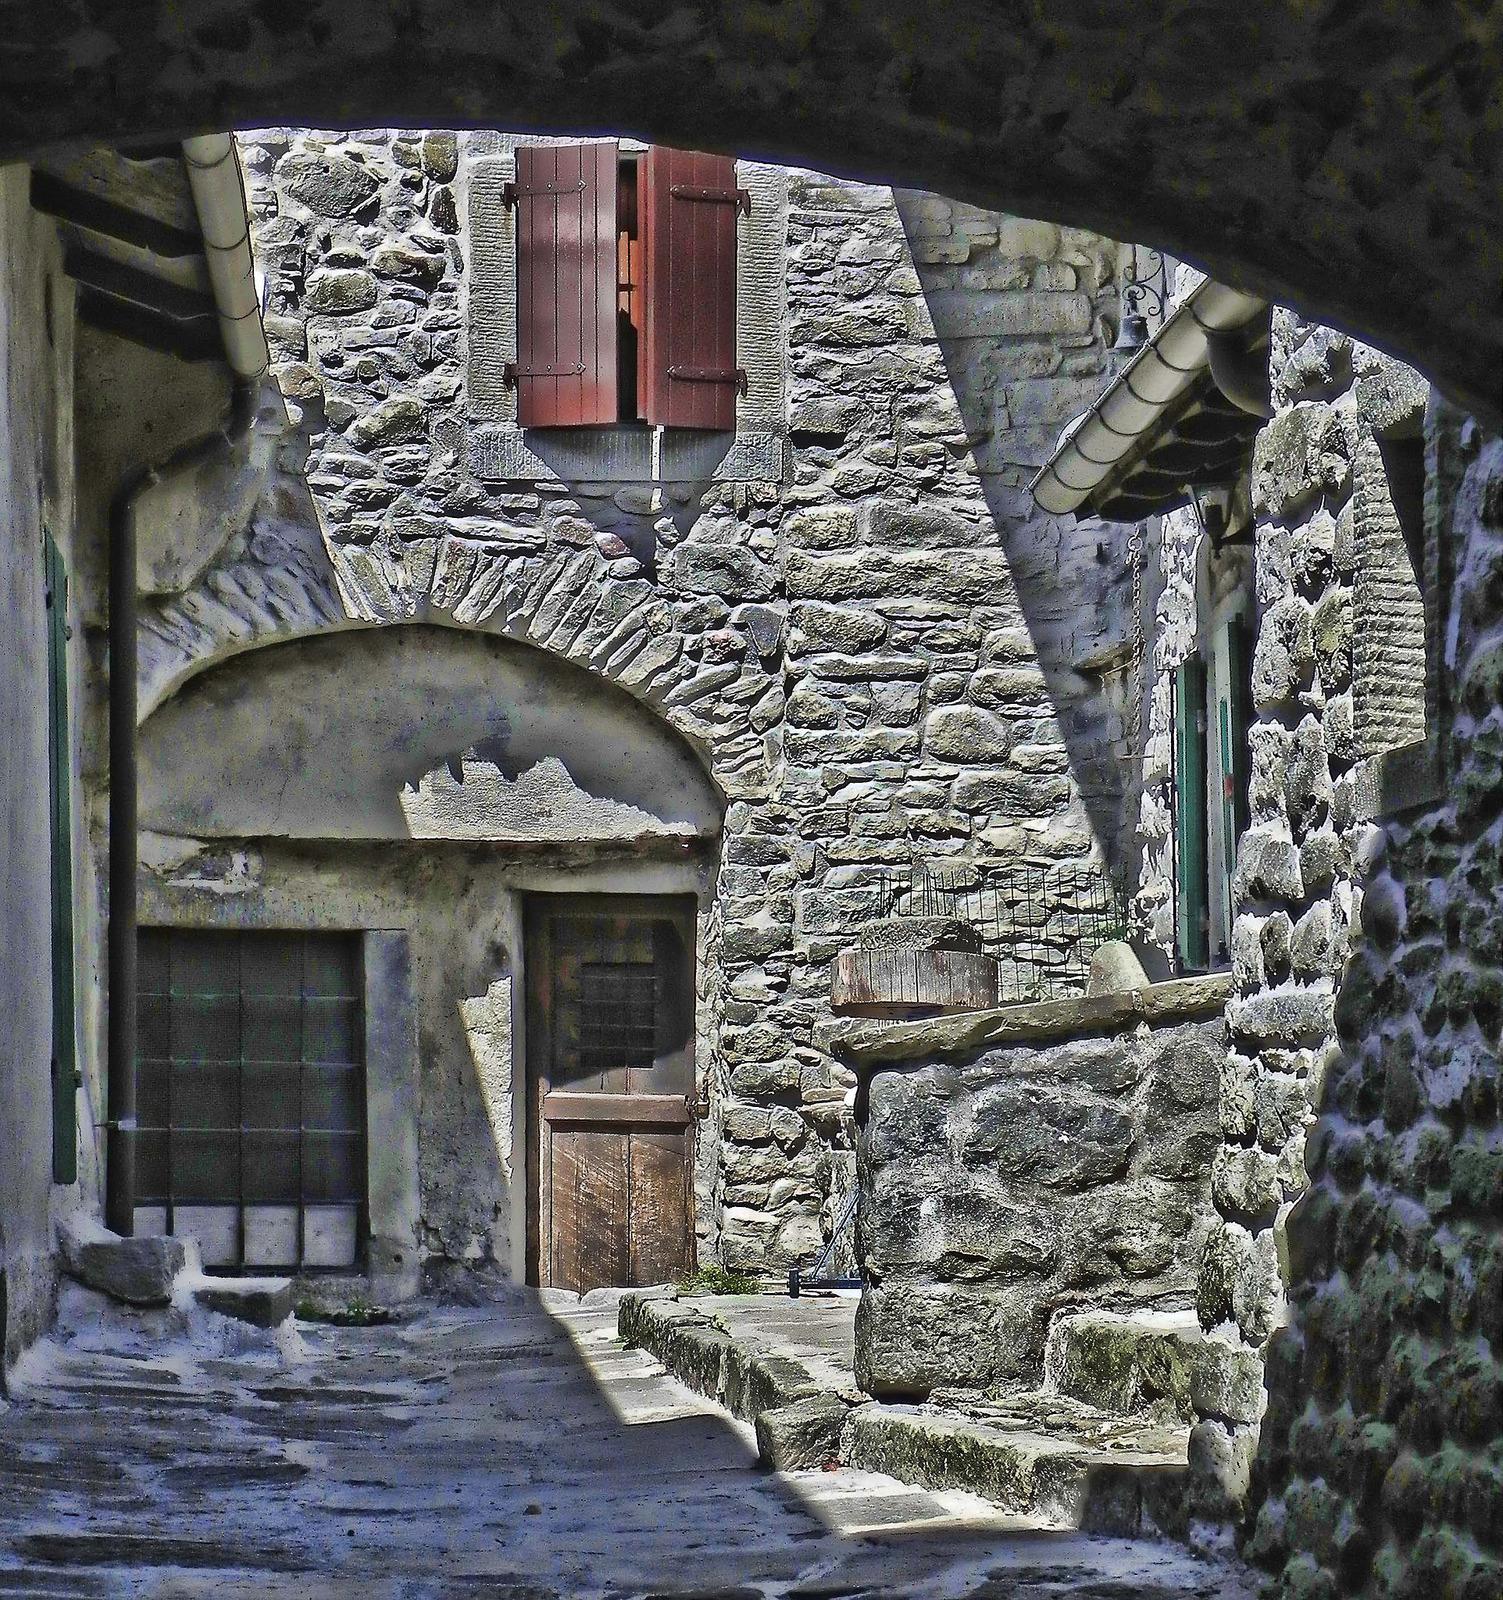 Tra le strade di Fiumalbo | Foto di Maurizio Buzacchi, via #Flickr